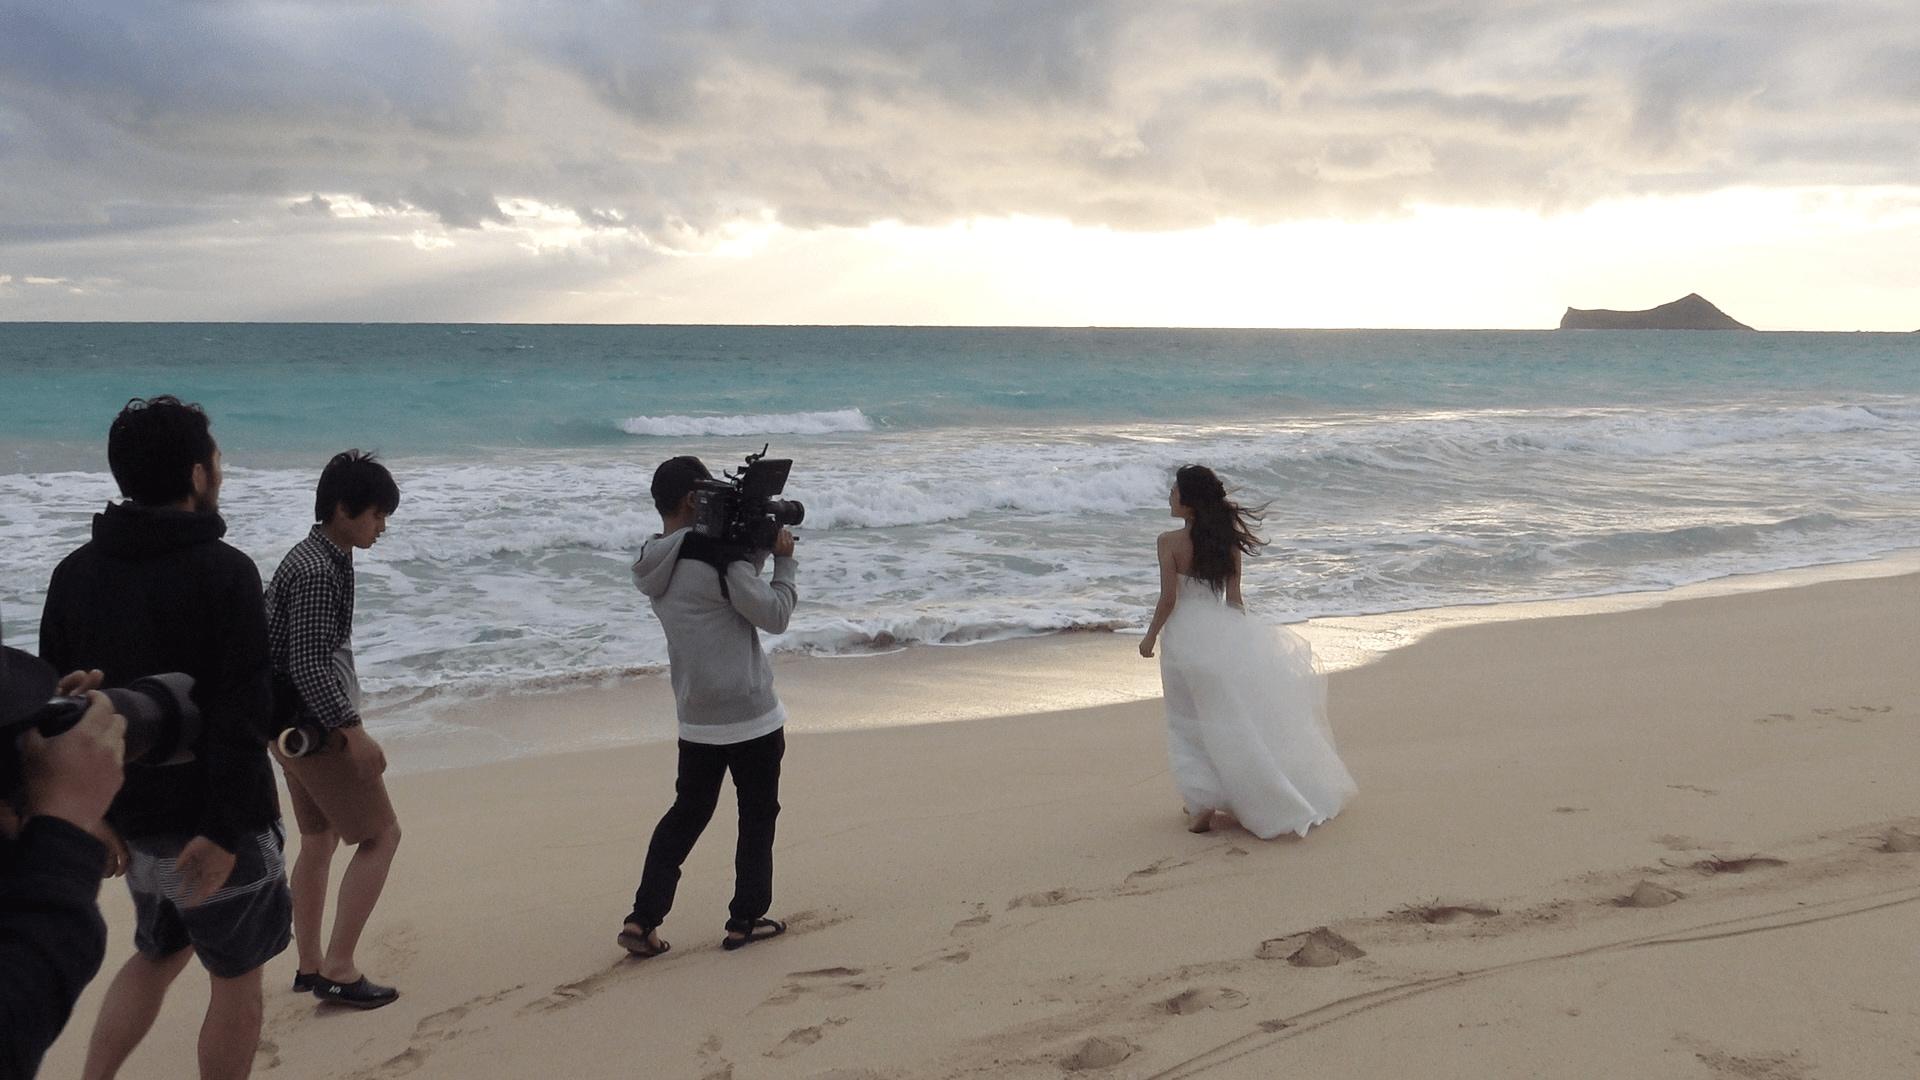 AAA宇野実彩子、白い水着姿でハワイのビーチで大はしゃぎ【画像あり】の画像013